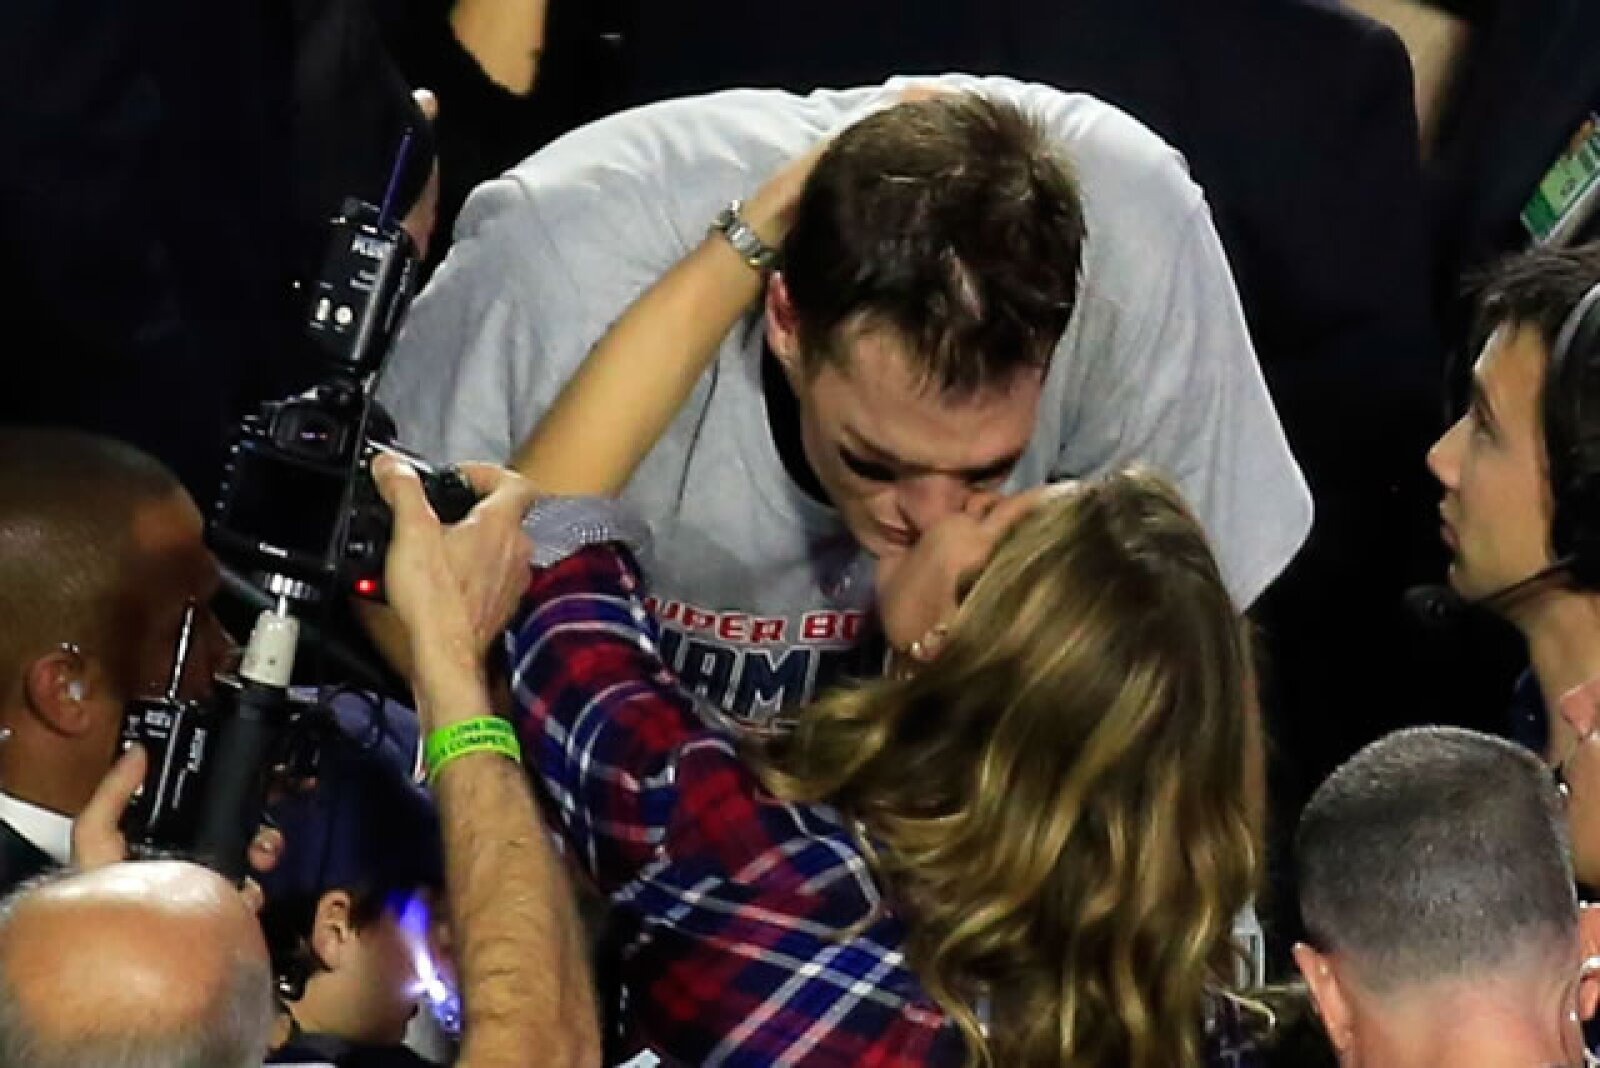 Tras apoyarlo en todo momento durante el encuentro Gisele corrió a felicitar a su esposo por coronarse como campeón del Super Bowl número 49.